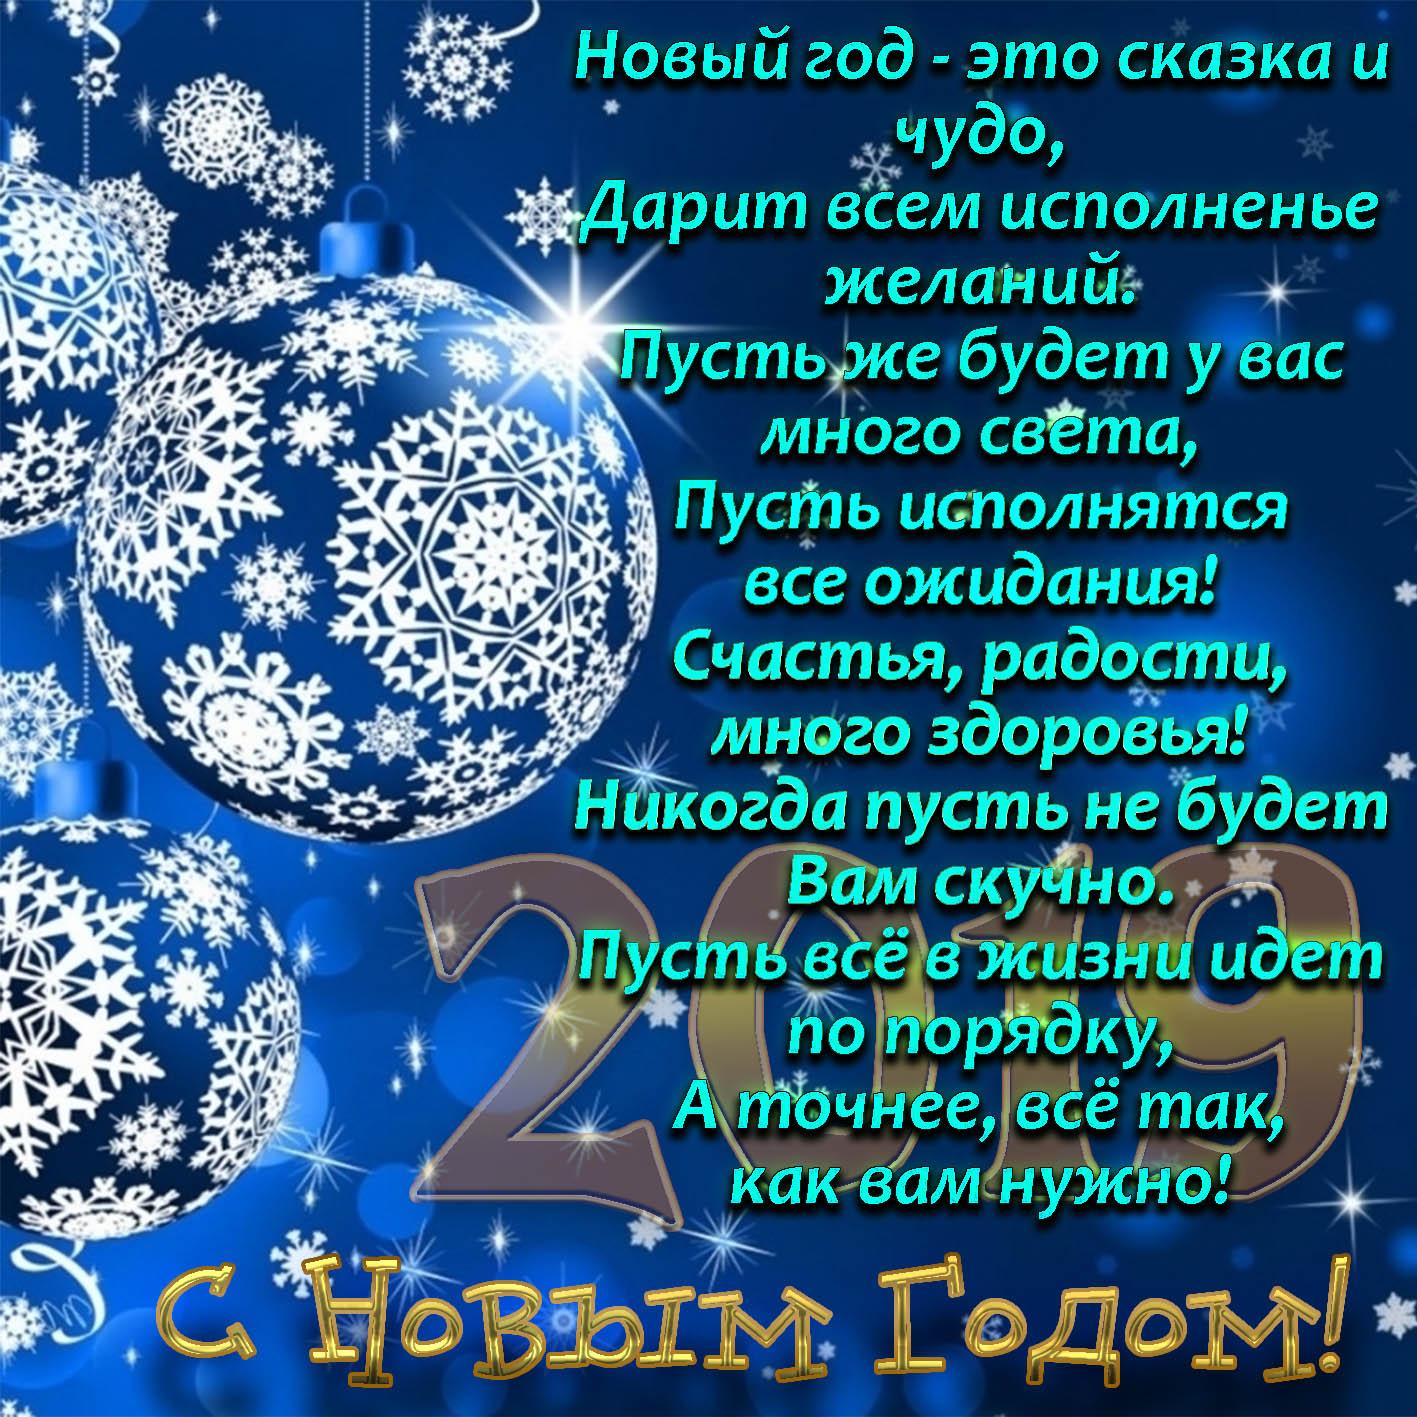 Стихи на новый год для молодежи